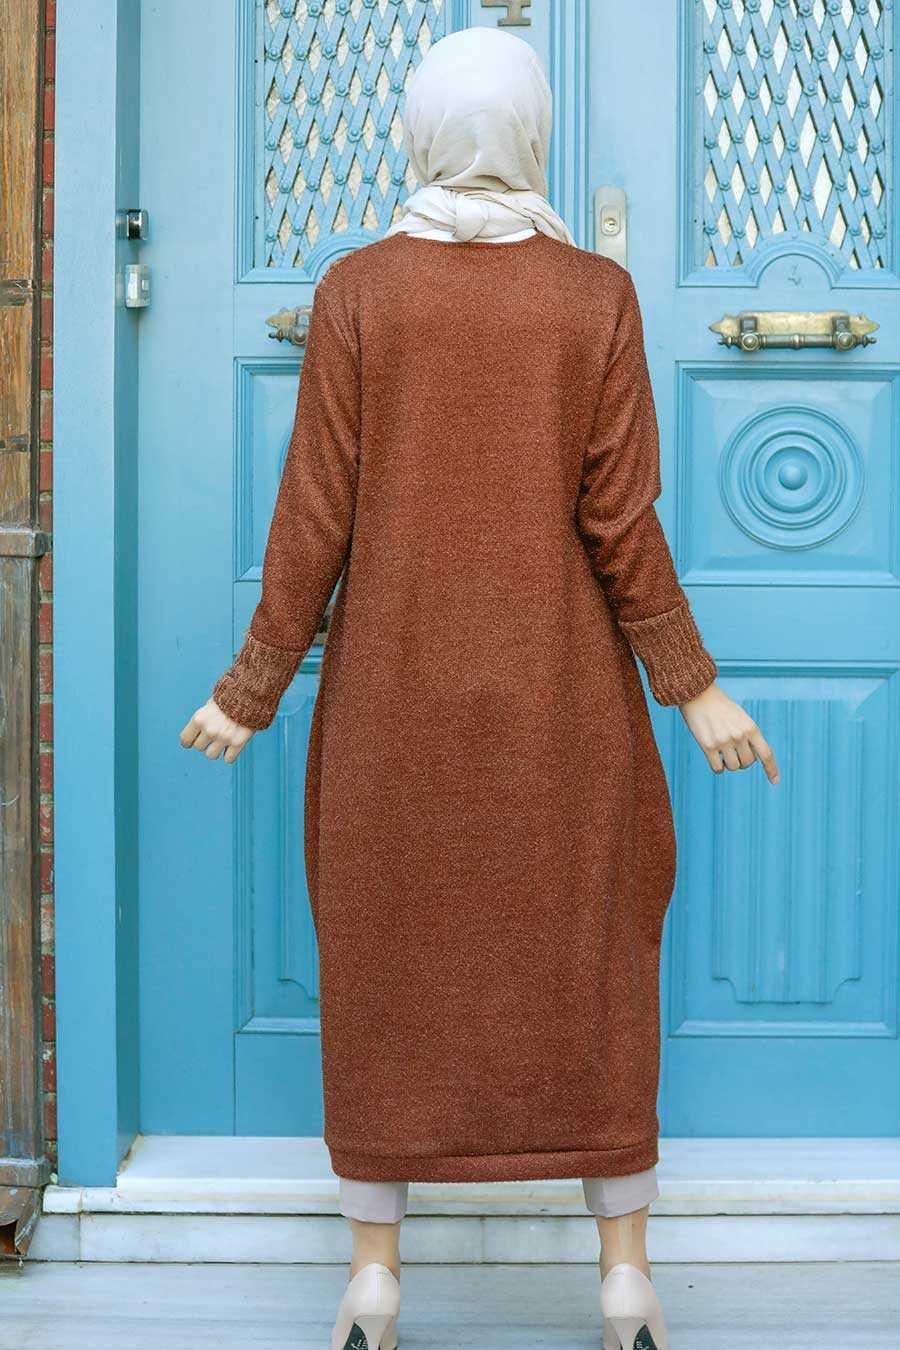 Sunuff Colored Hijab Knitwear Tunic 30690TB